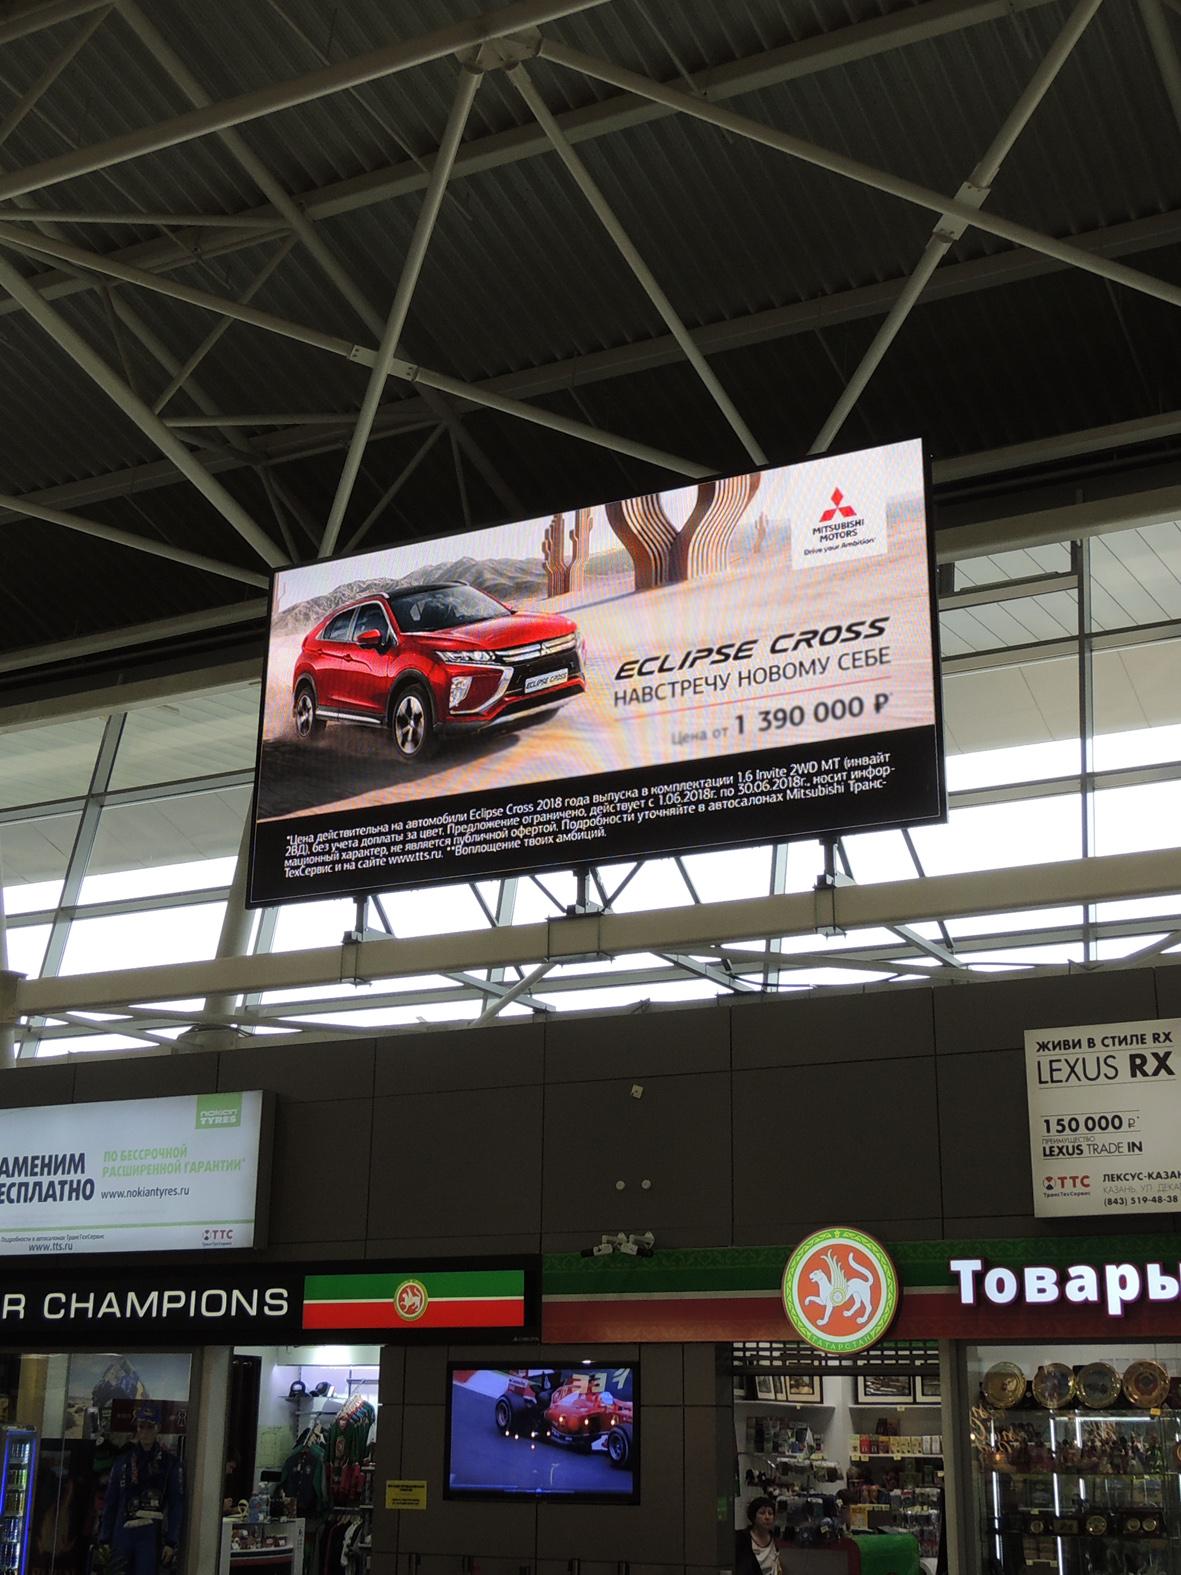 Установлены светодиодные экраны в аэропорту в Казани